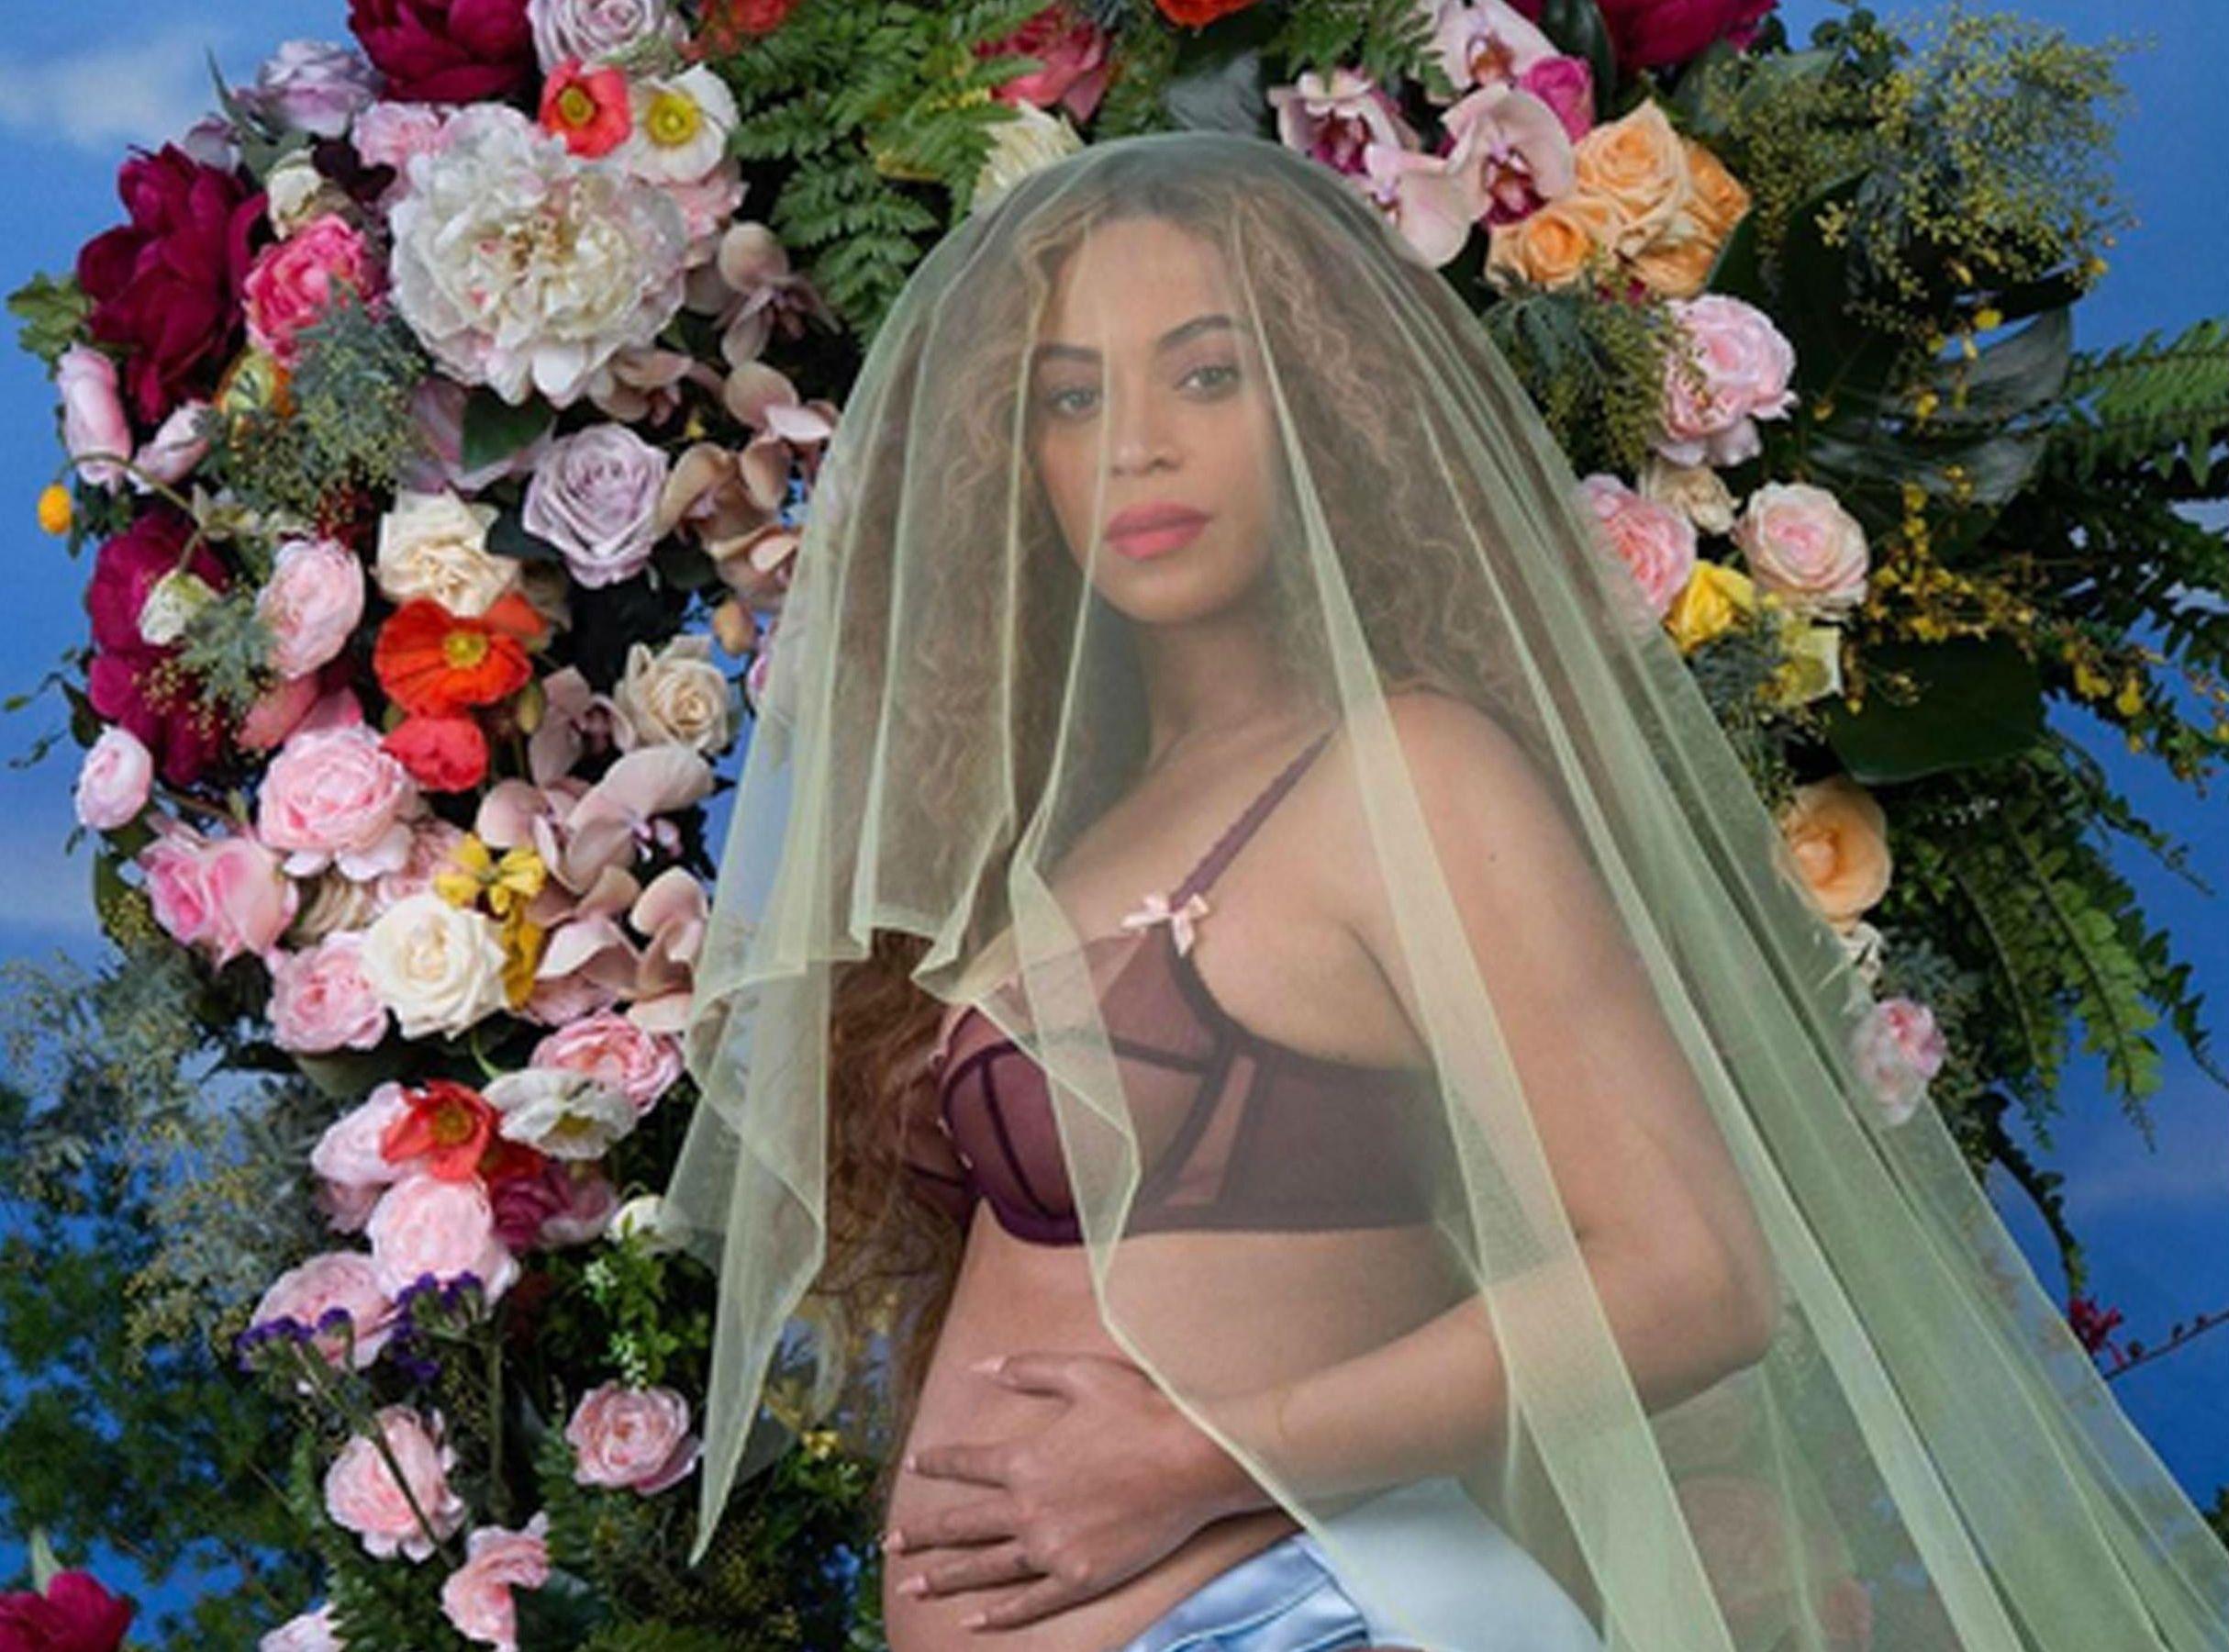 Beyoncé partorirà in casa: per i macchinari spesi un milione di dollari